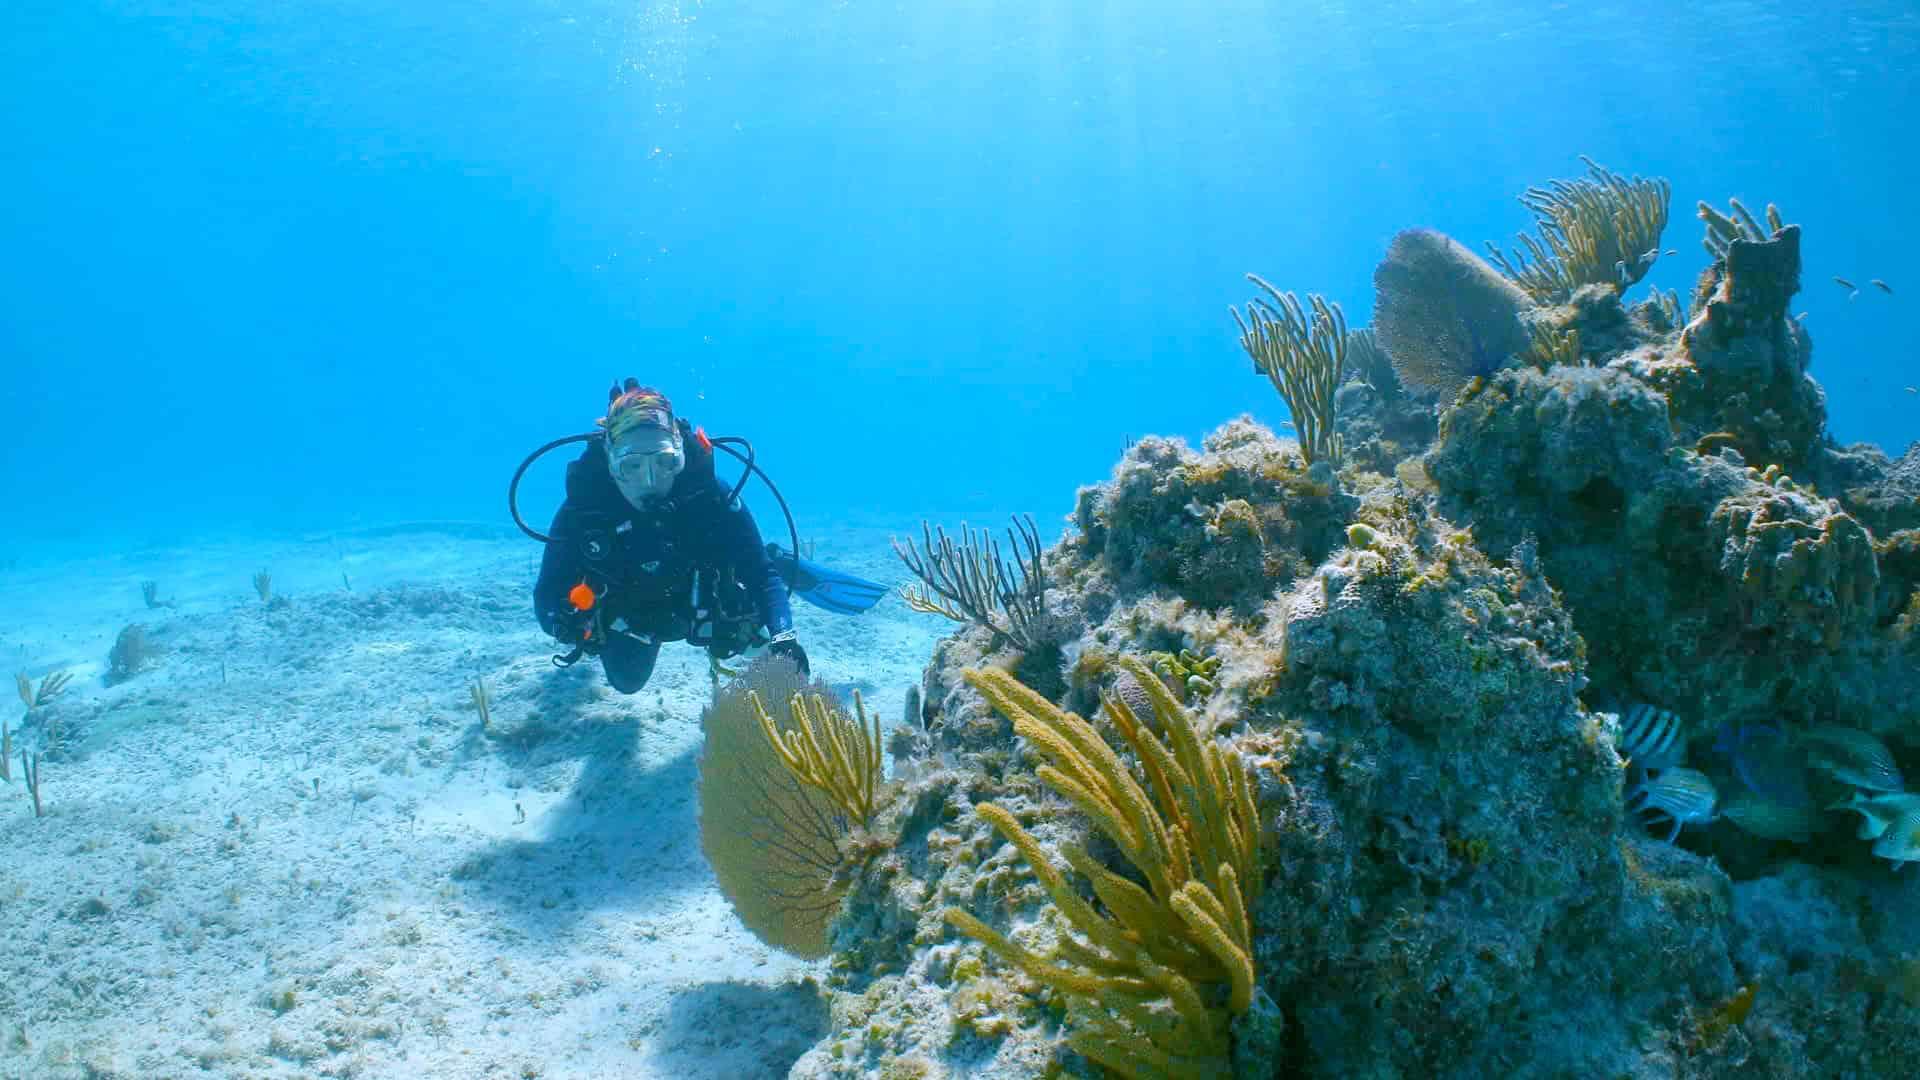 ocean cay coral